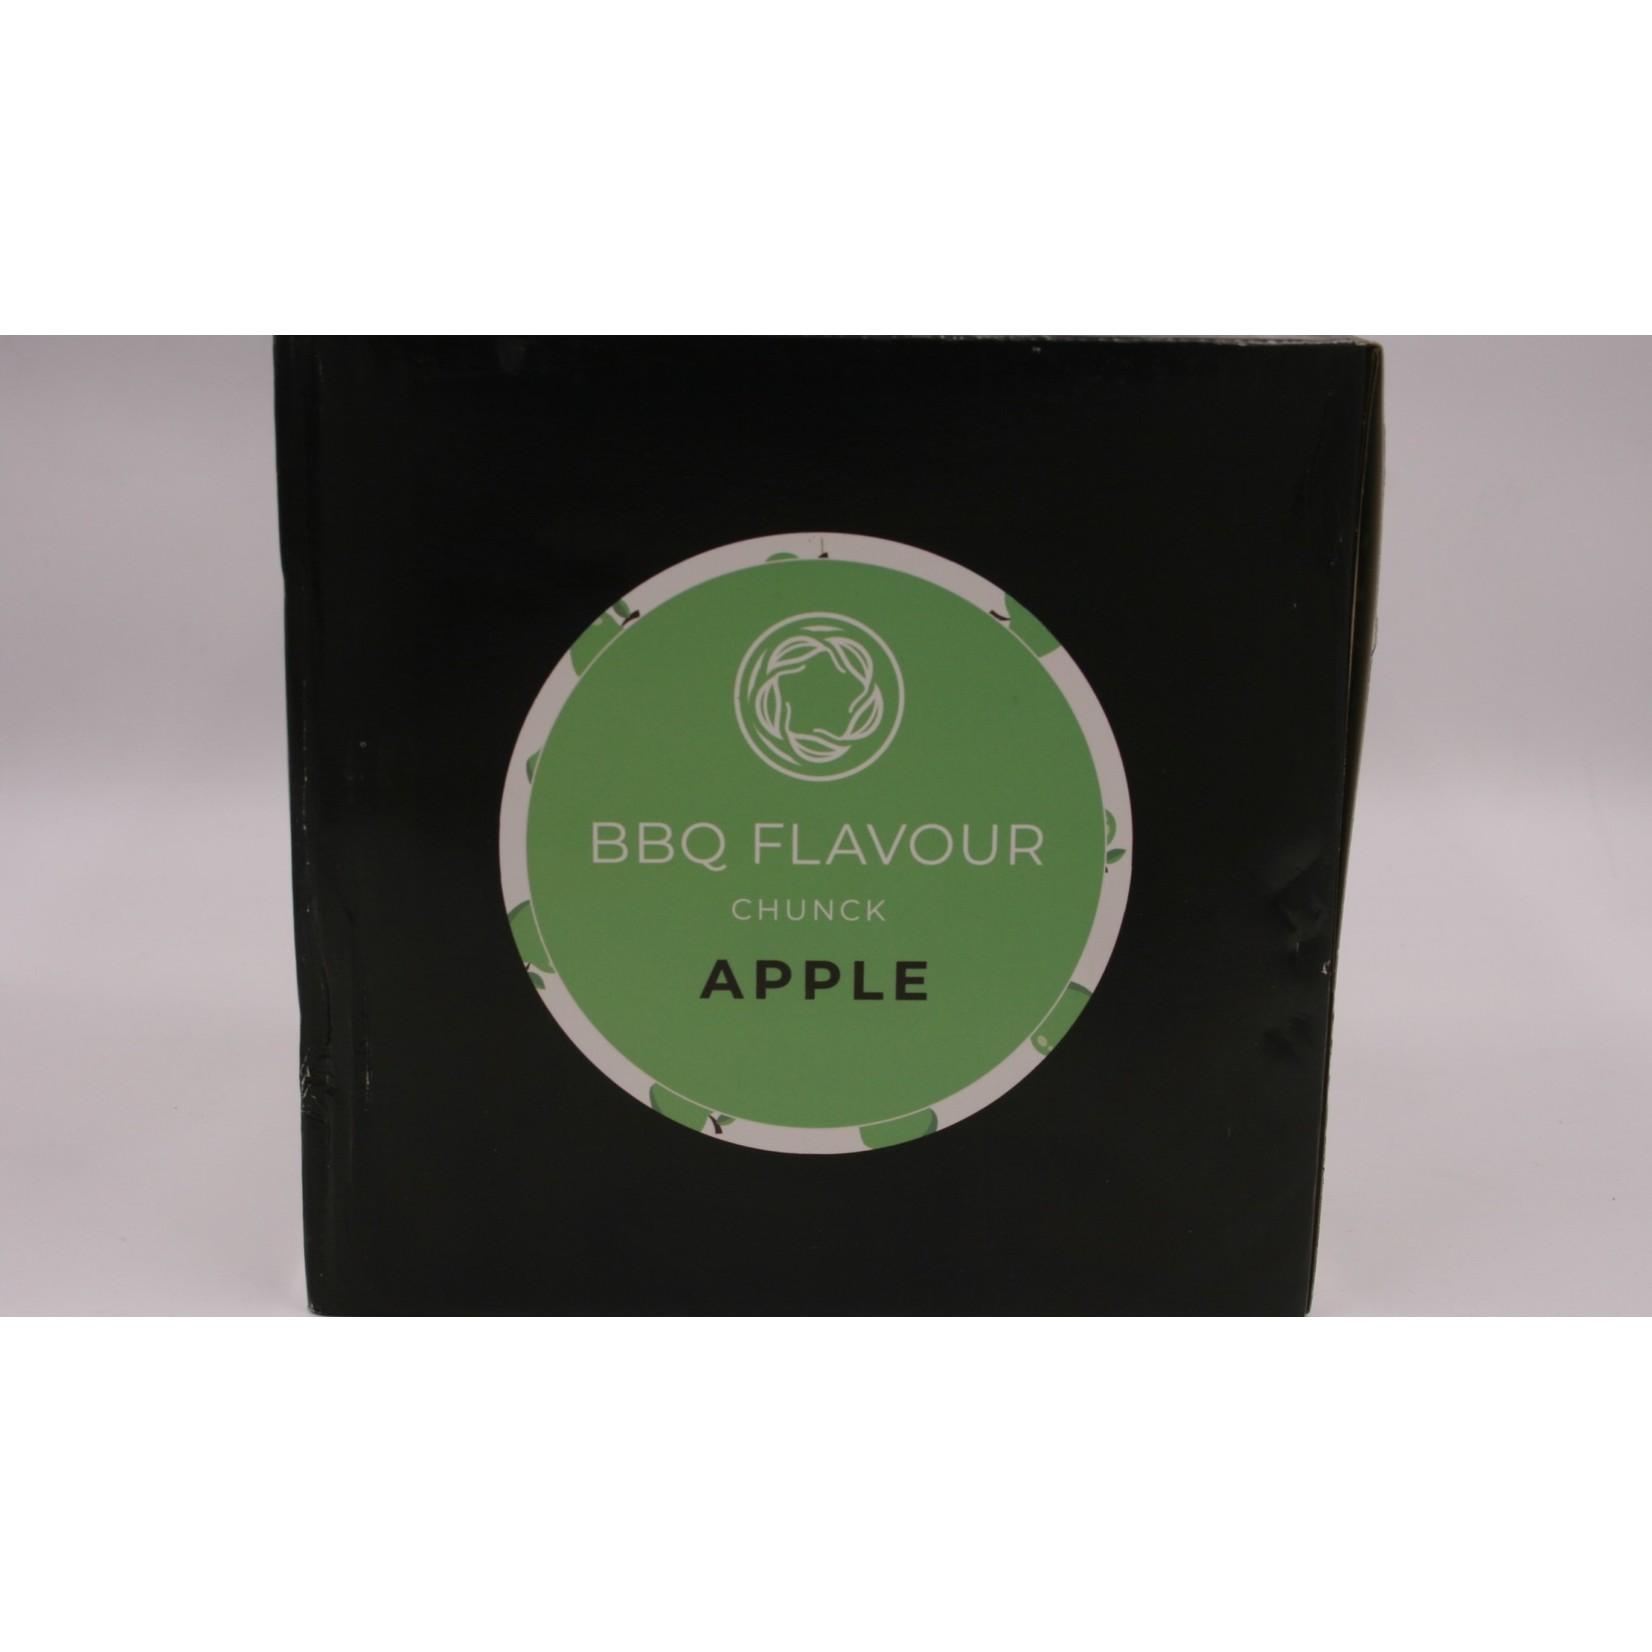 BBQ Flavour BBQ Flavour rookhout chunck Apple 2.4 kg